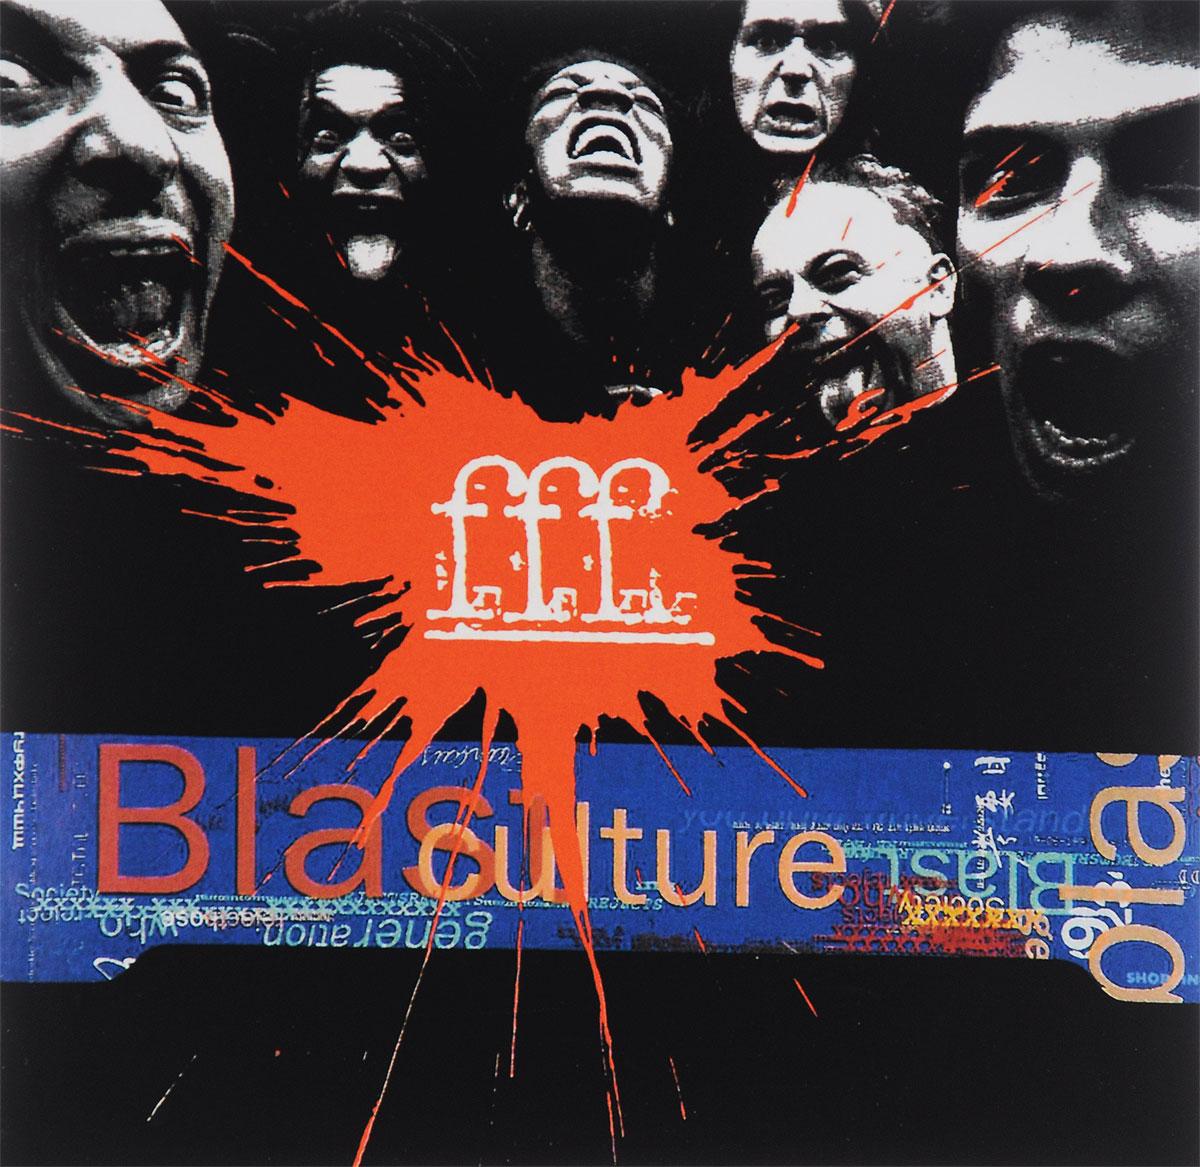 FFF FFF. Blast Culture fff fff free for fever 2 lp